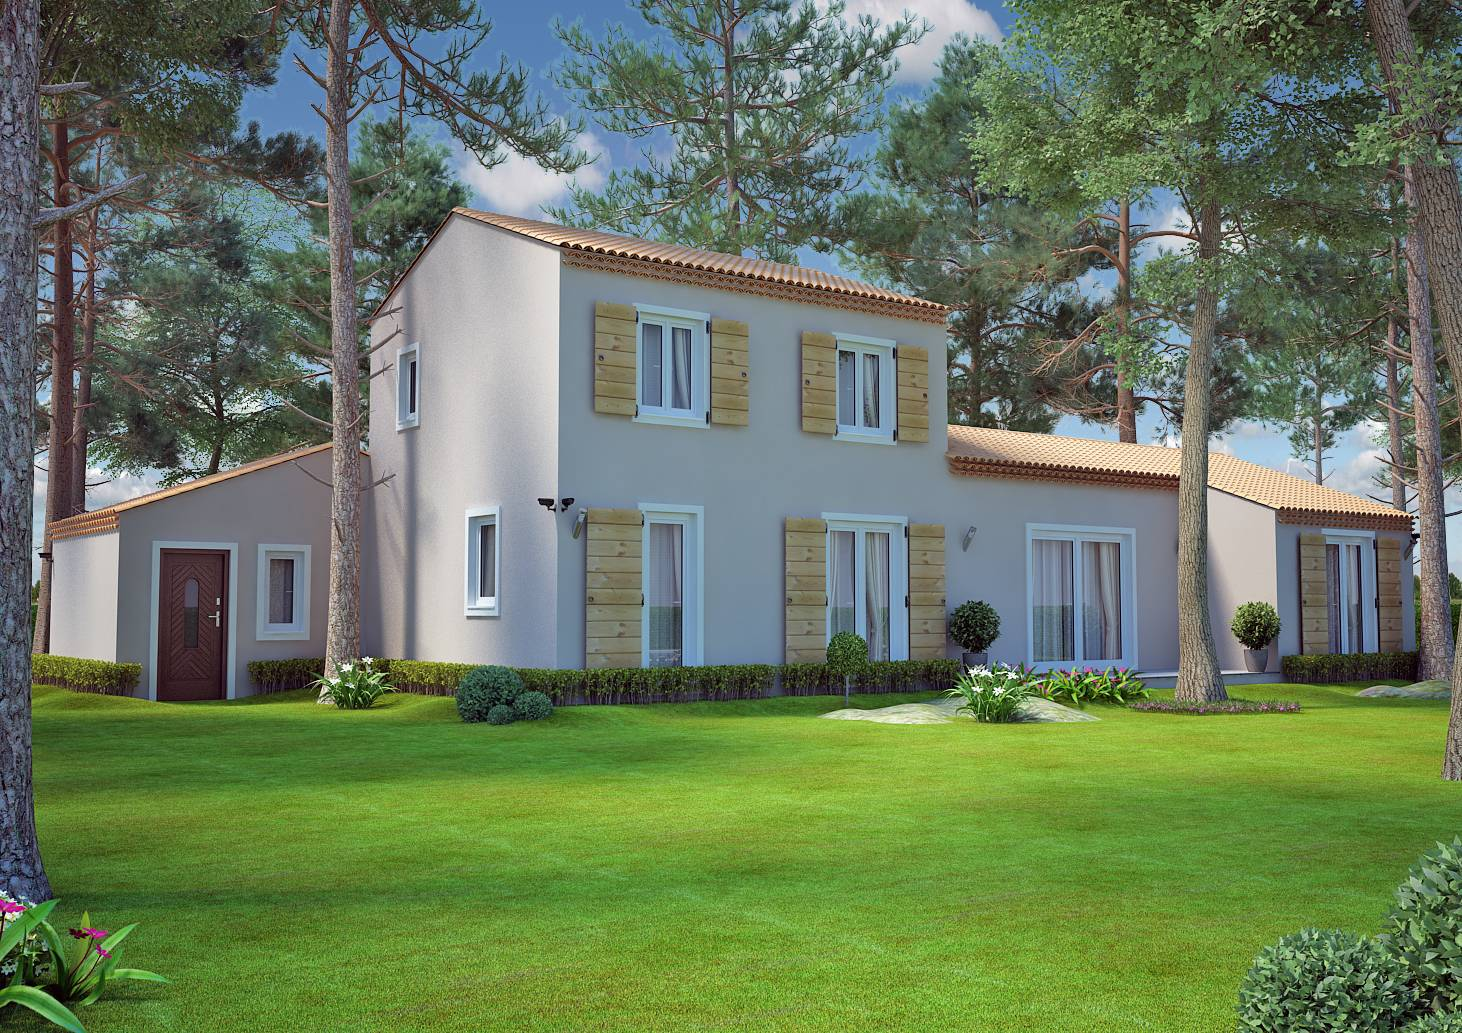 Mod le de villa de type traditionnel de 115m2 tage dans for Modele de villa